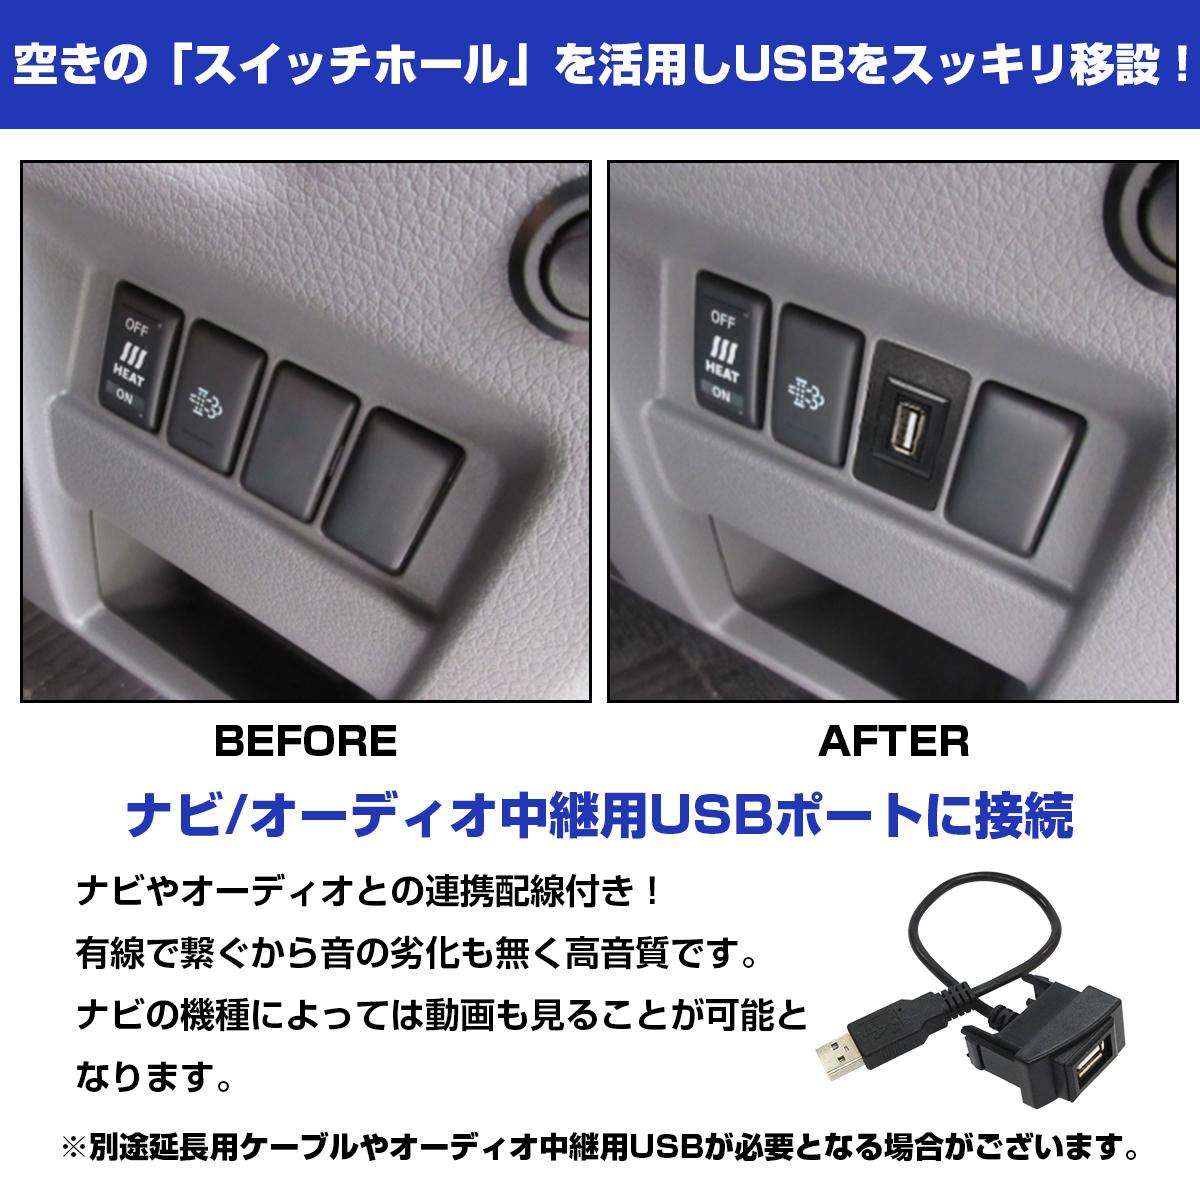 【送料無料~】【トヨタAタイプ】 ヴィッツ UZJ/HDJ100系 H17.2~H22.11 USB接続通信パネル 配線付 USB1ポート 増設USBケーブル 2.1A 12V_画像3